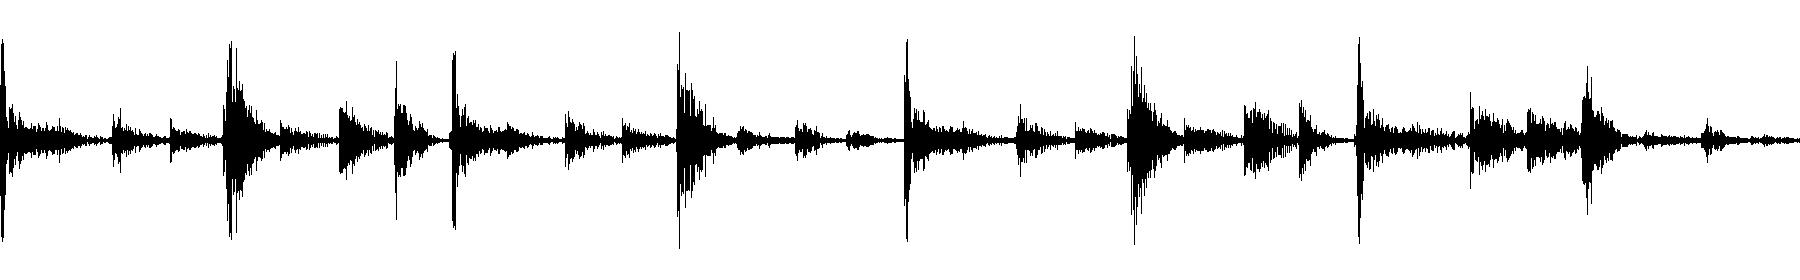 blbc electrodrums fx 130 01